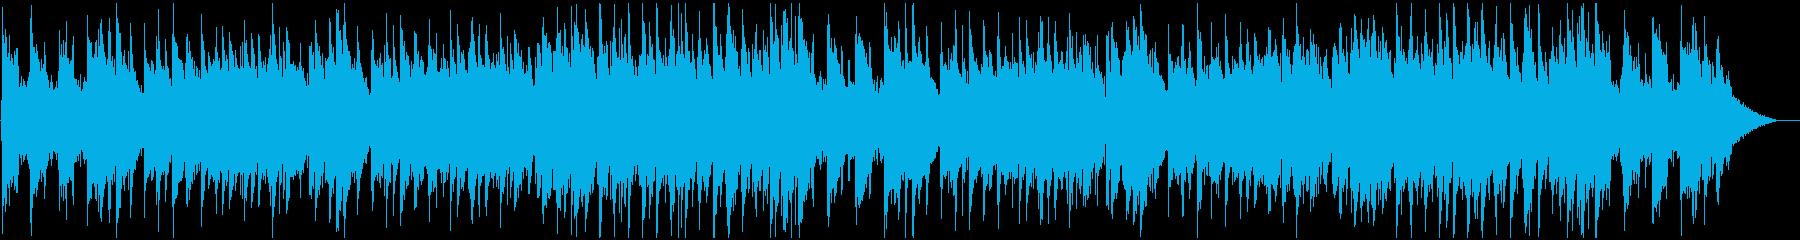 ロマンチックでセンチメンタルなBGMの再生済みの波形